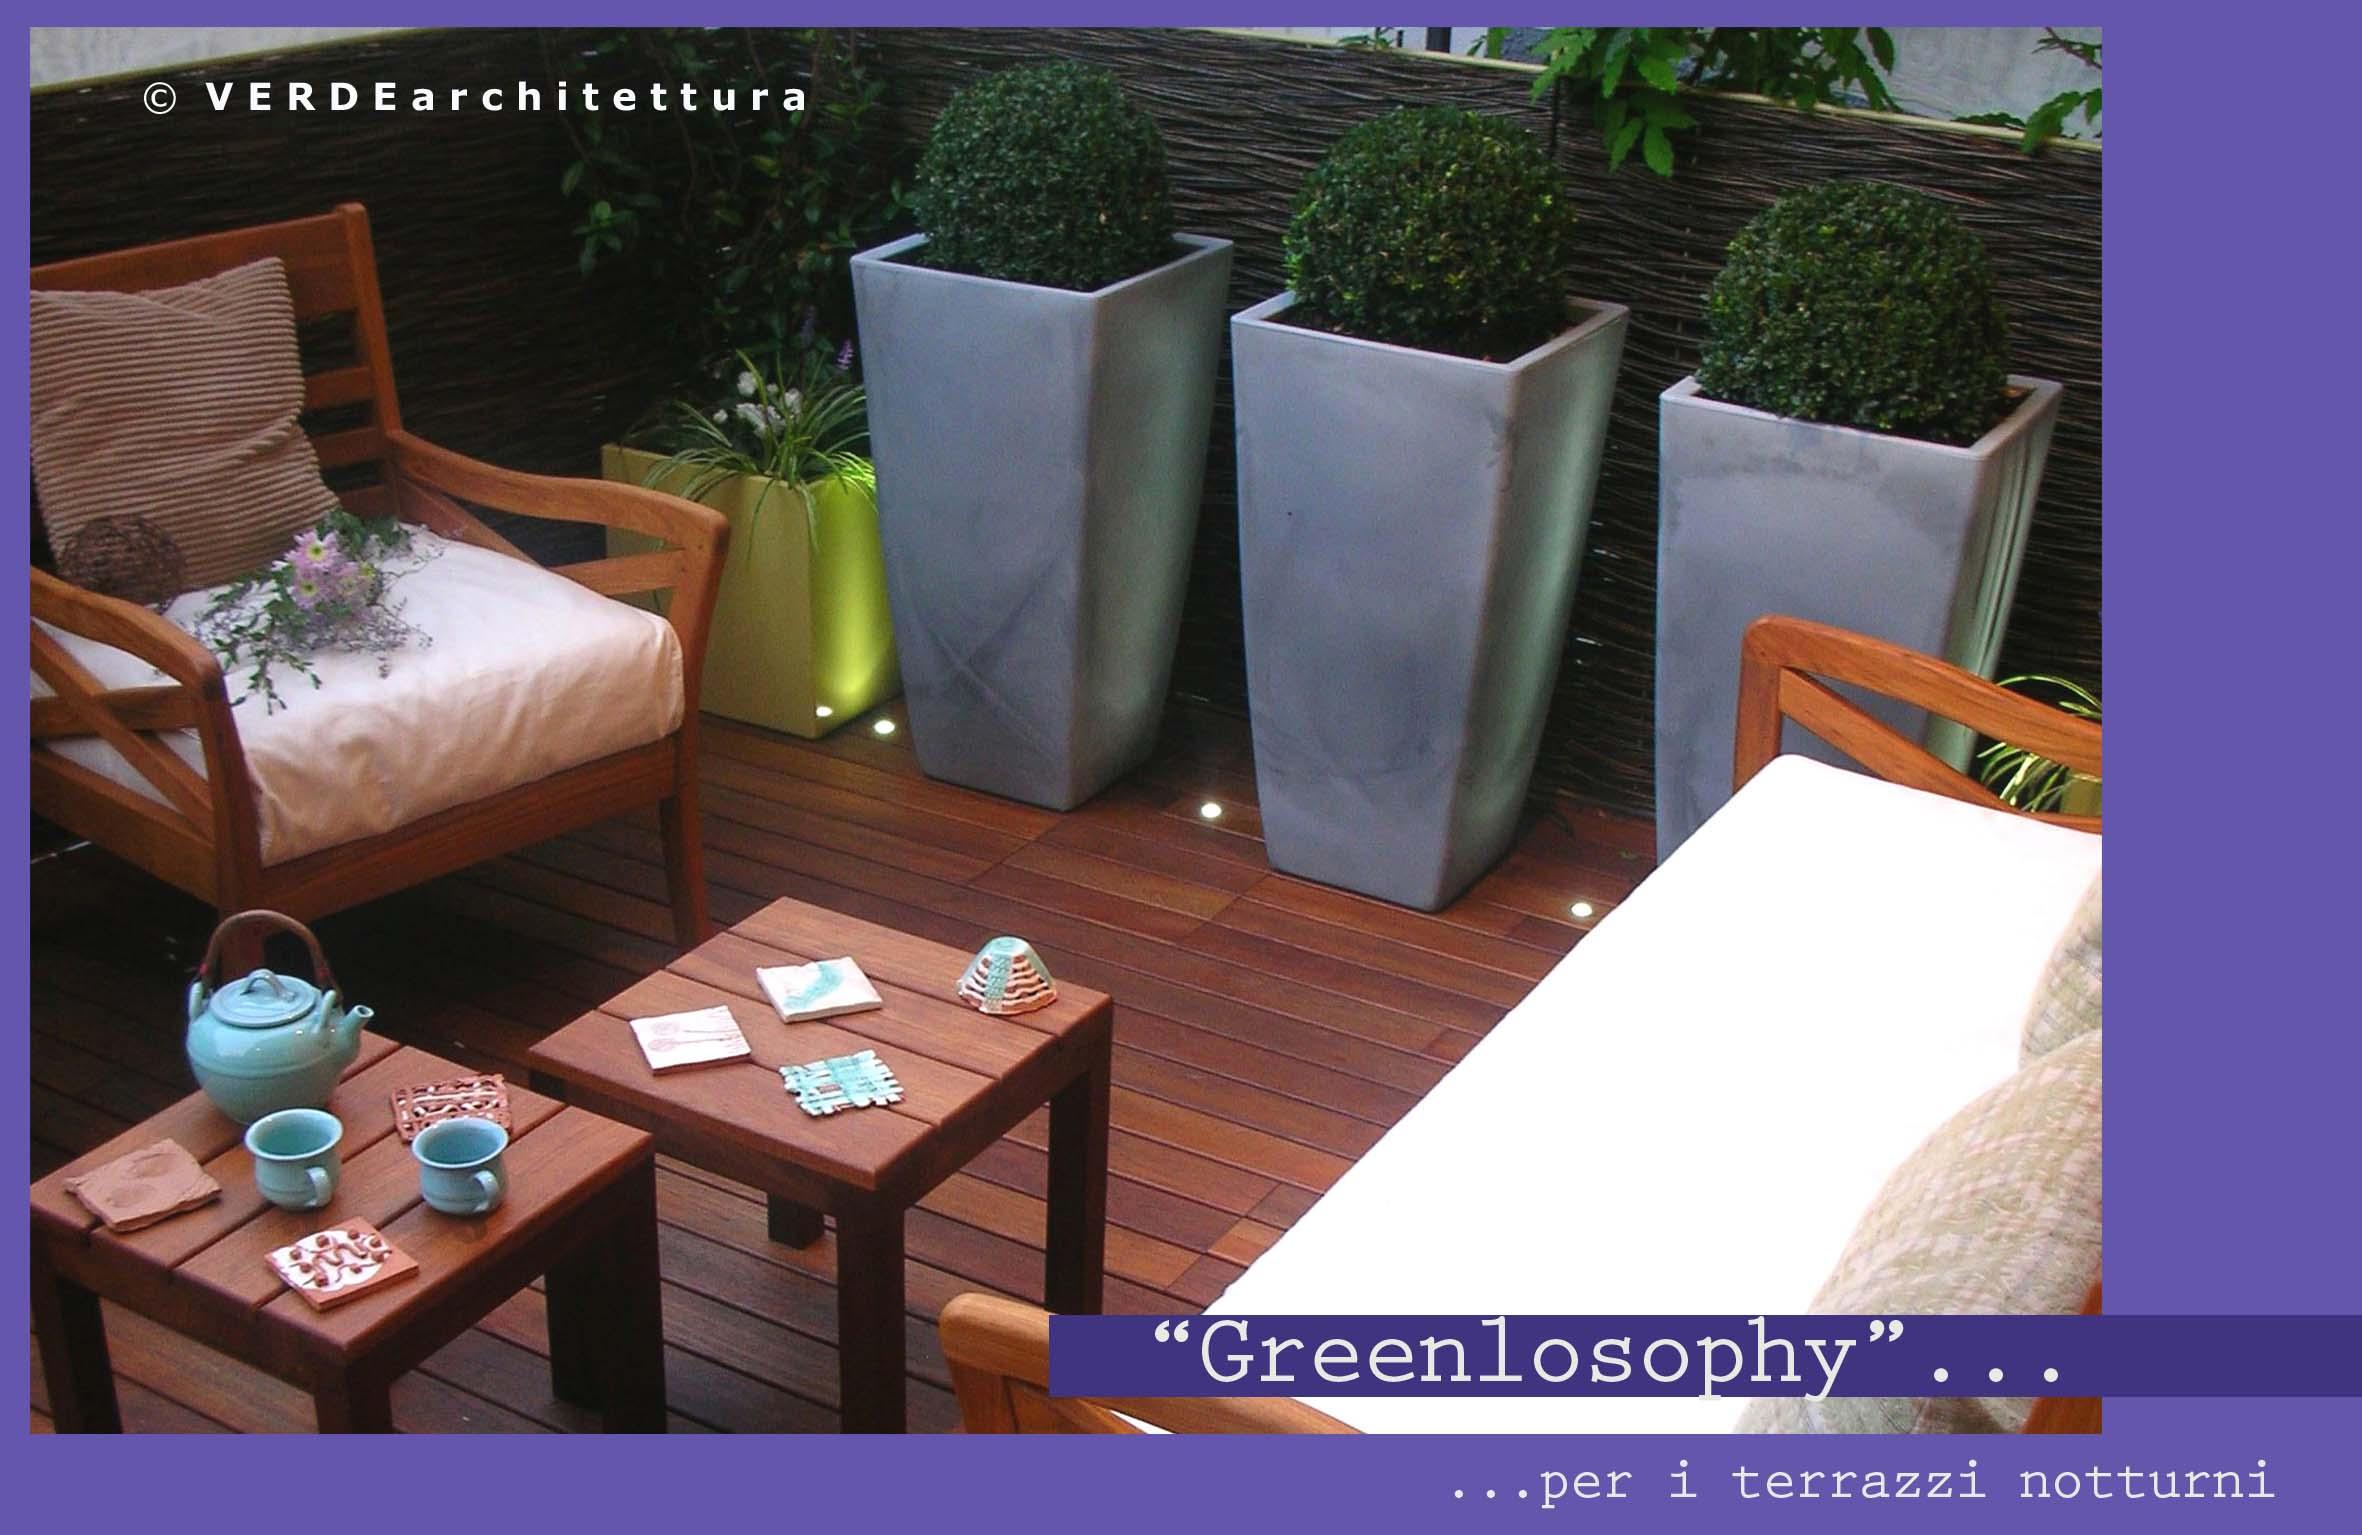 Arredare il terrazzo con greenlosophy for Arredare terrazzi piccoli